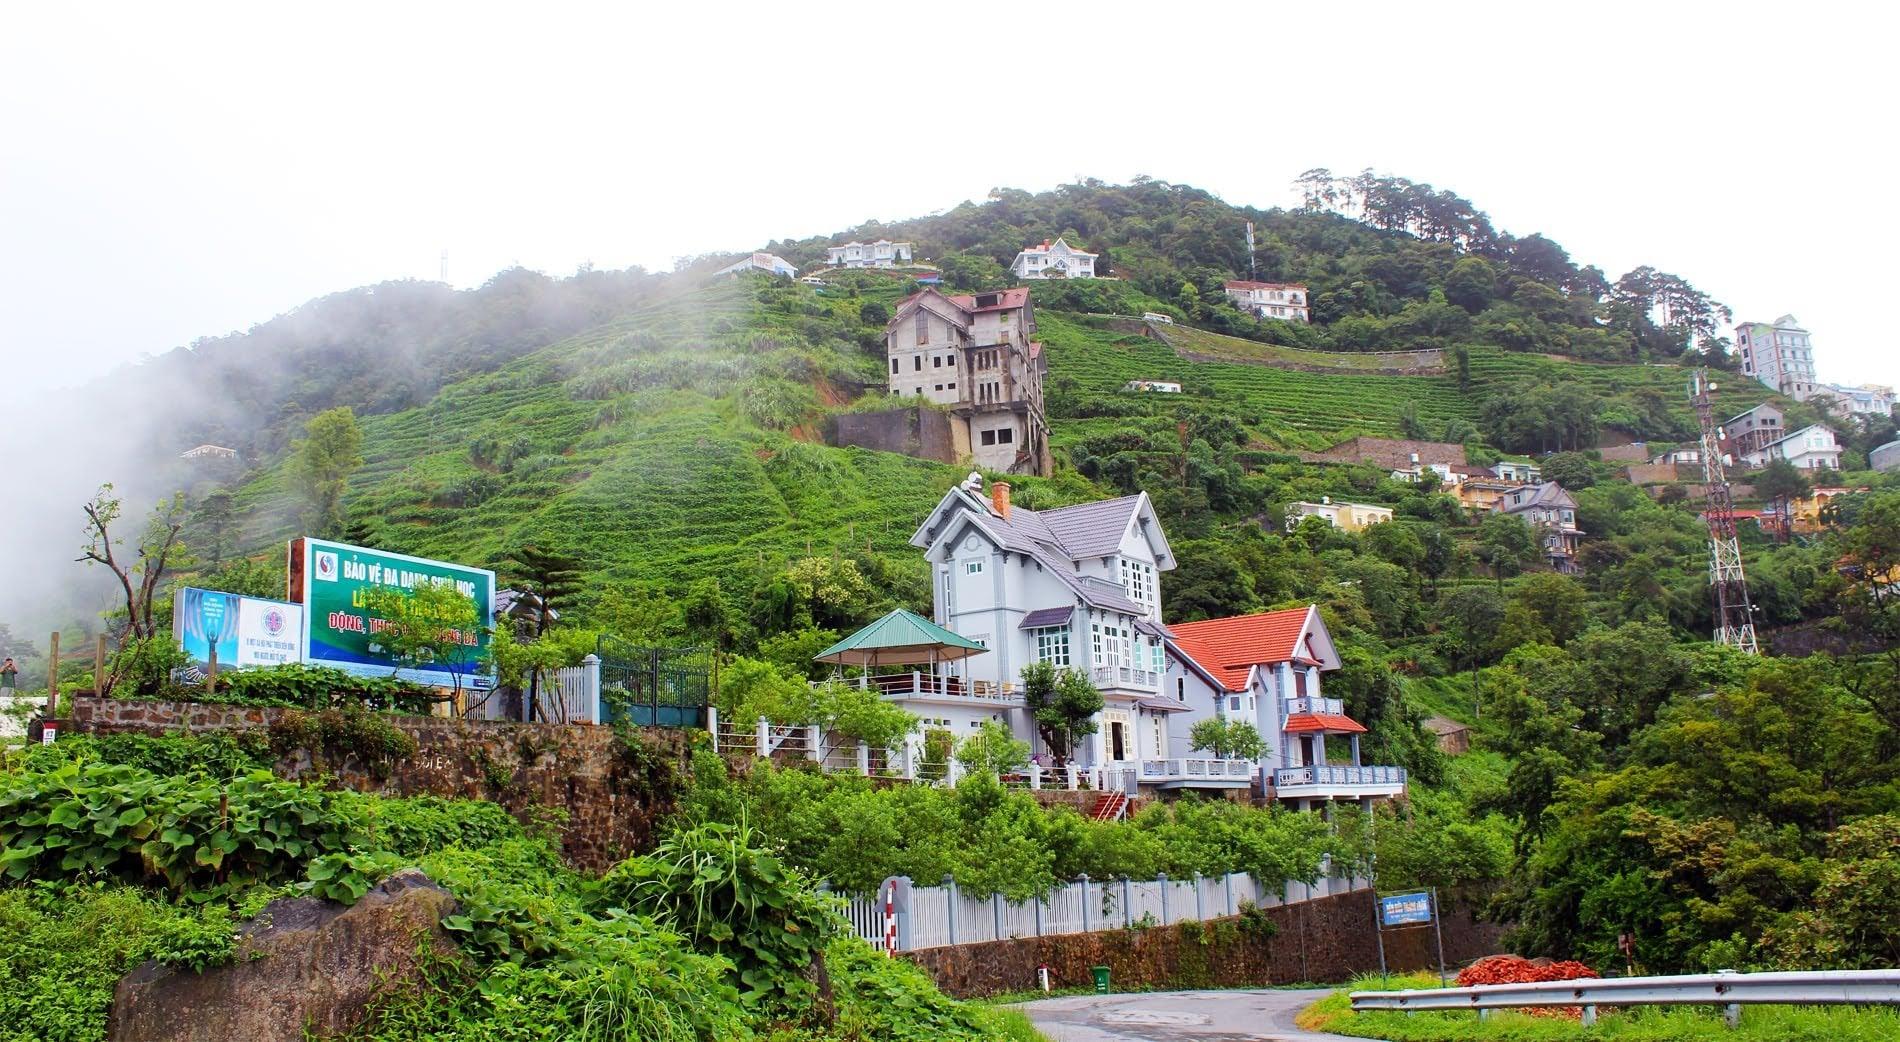 Du lịch Tam Đảo–thông tin chi tiết nhất